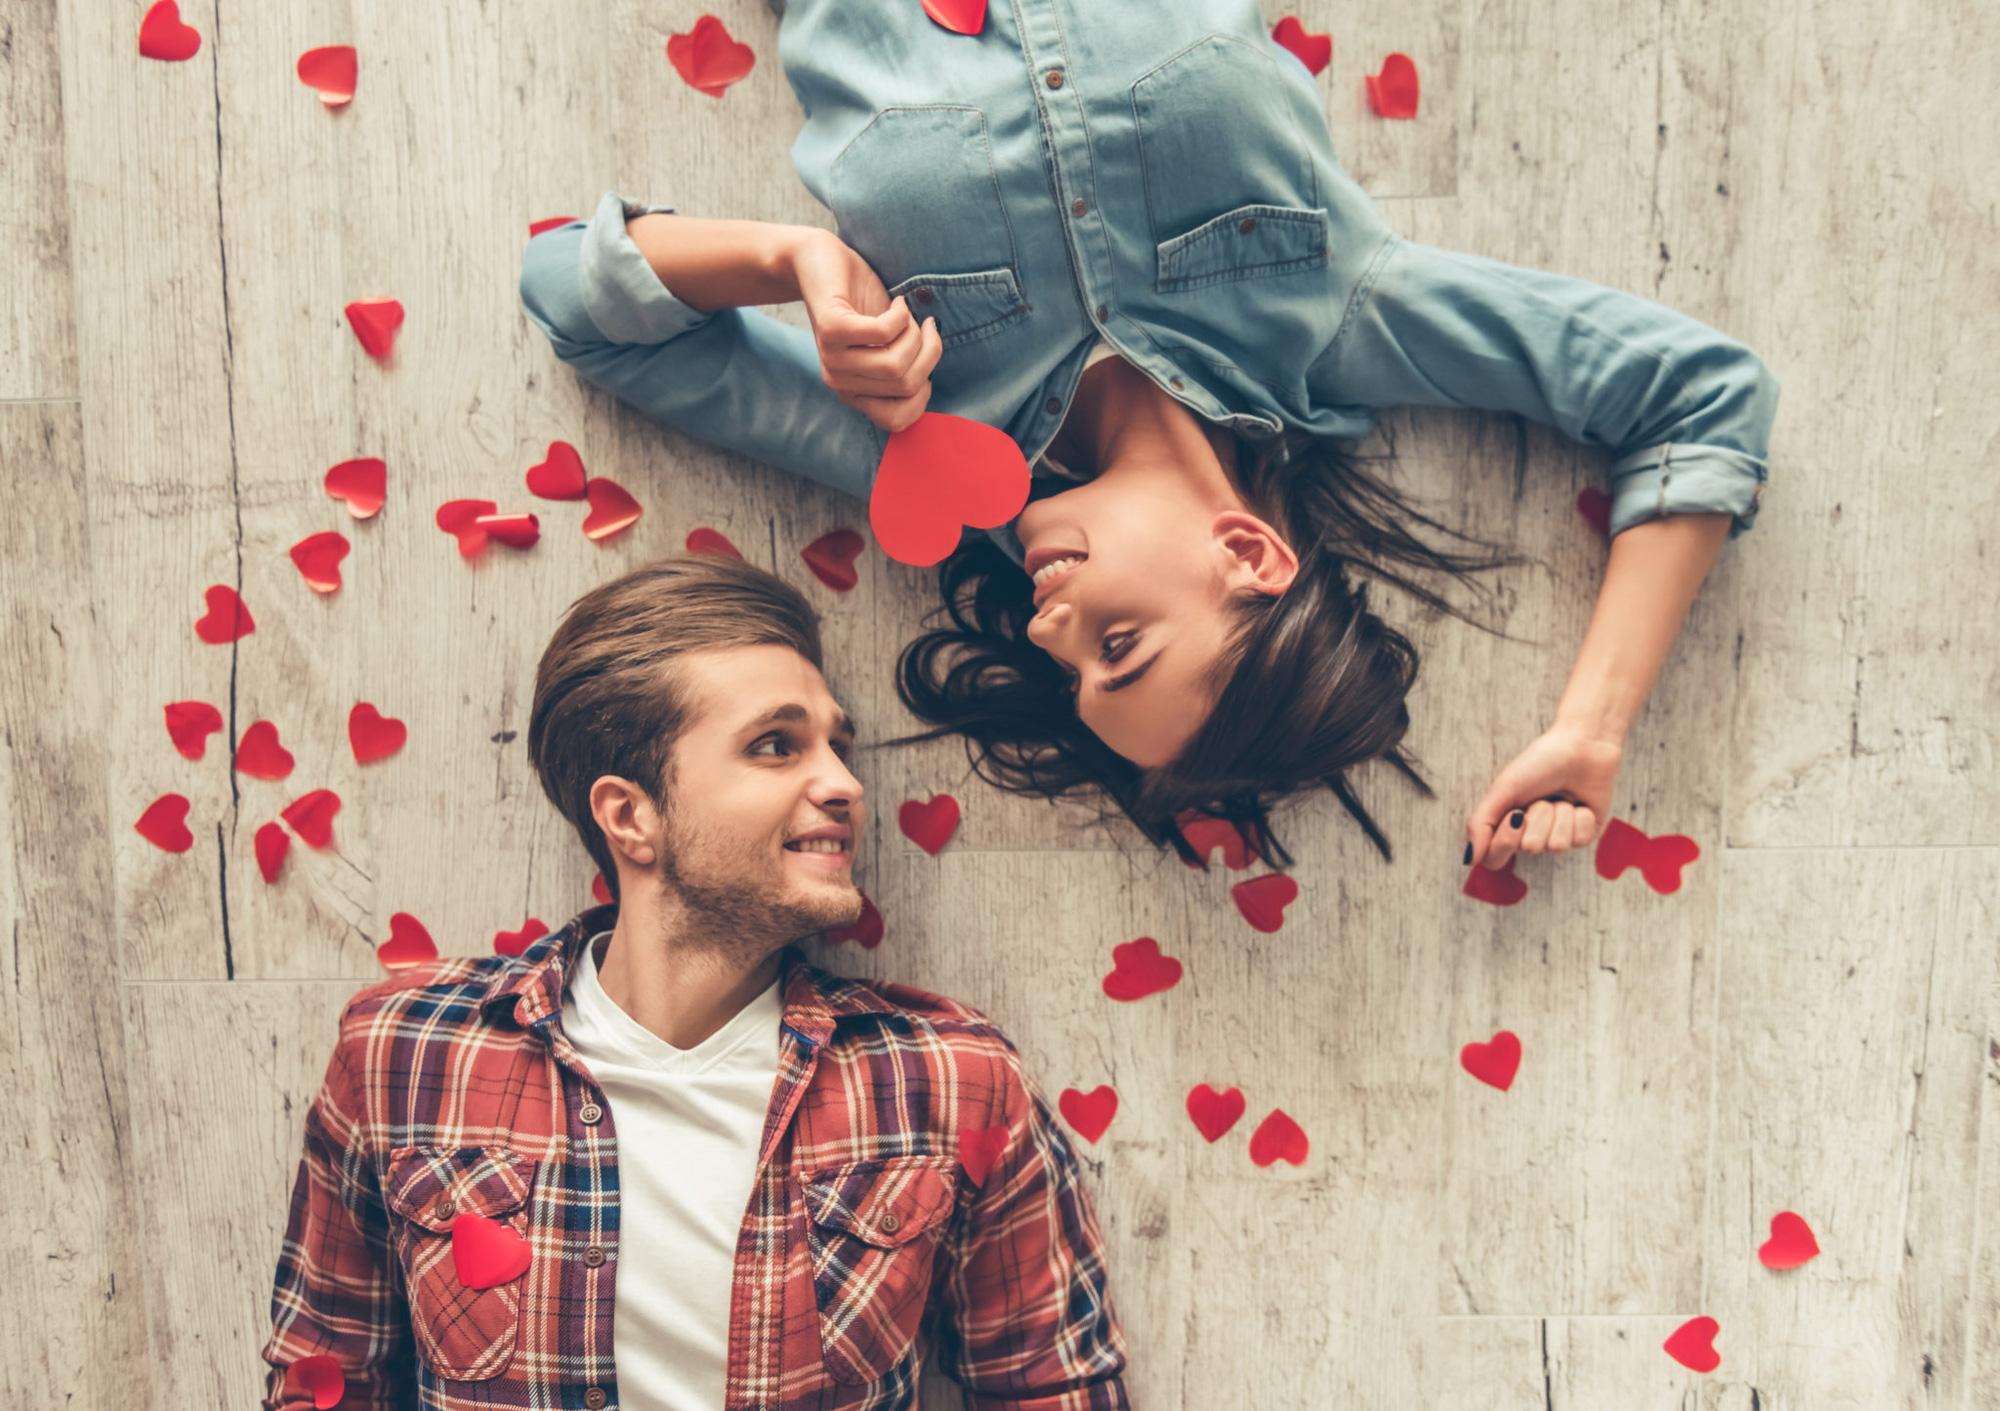 Gợi ý những cách gây bất ngờ cho người thương trong mùa Valentine  - Ảnh 1.